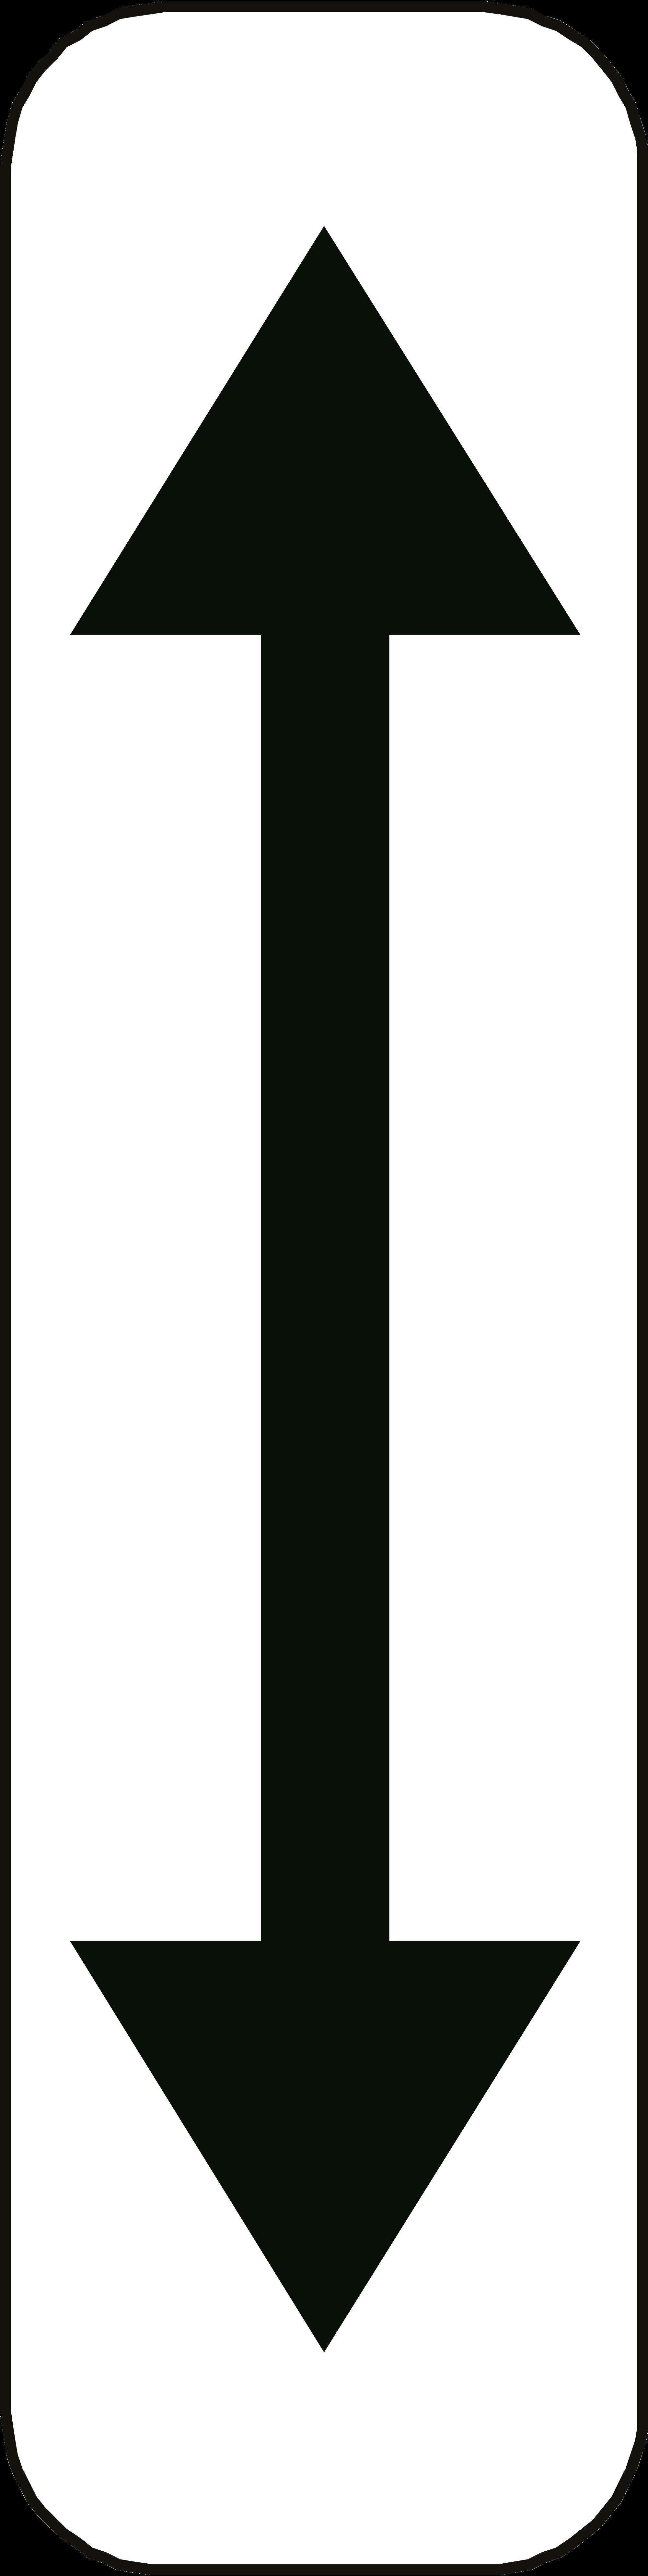 Signface - Gxd - klasse  I - 100/400 mm